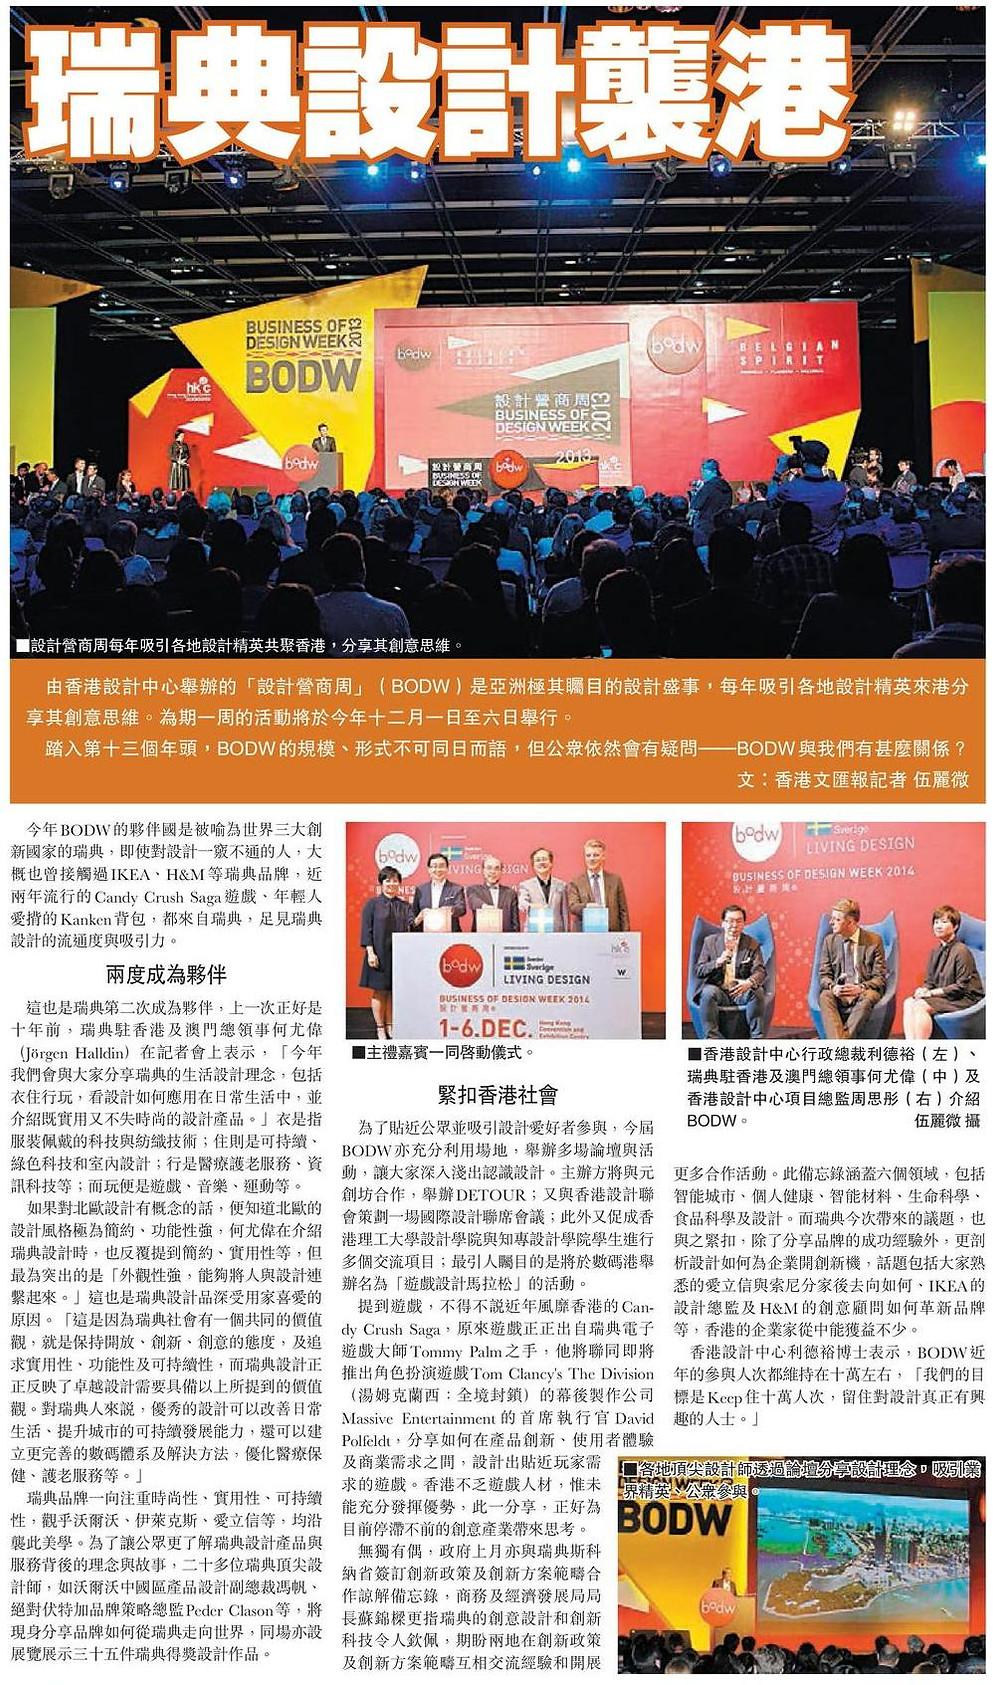 1_HKD_20Sep2014_Wen Wei Po_A26_BODW.JPG